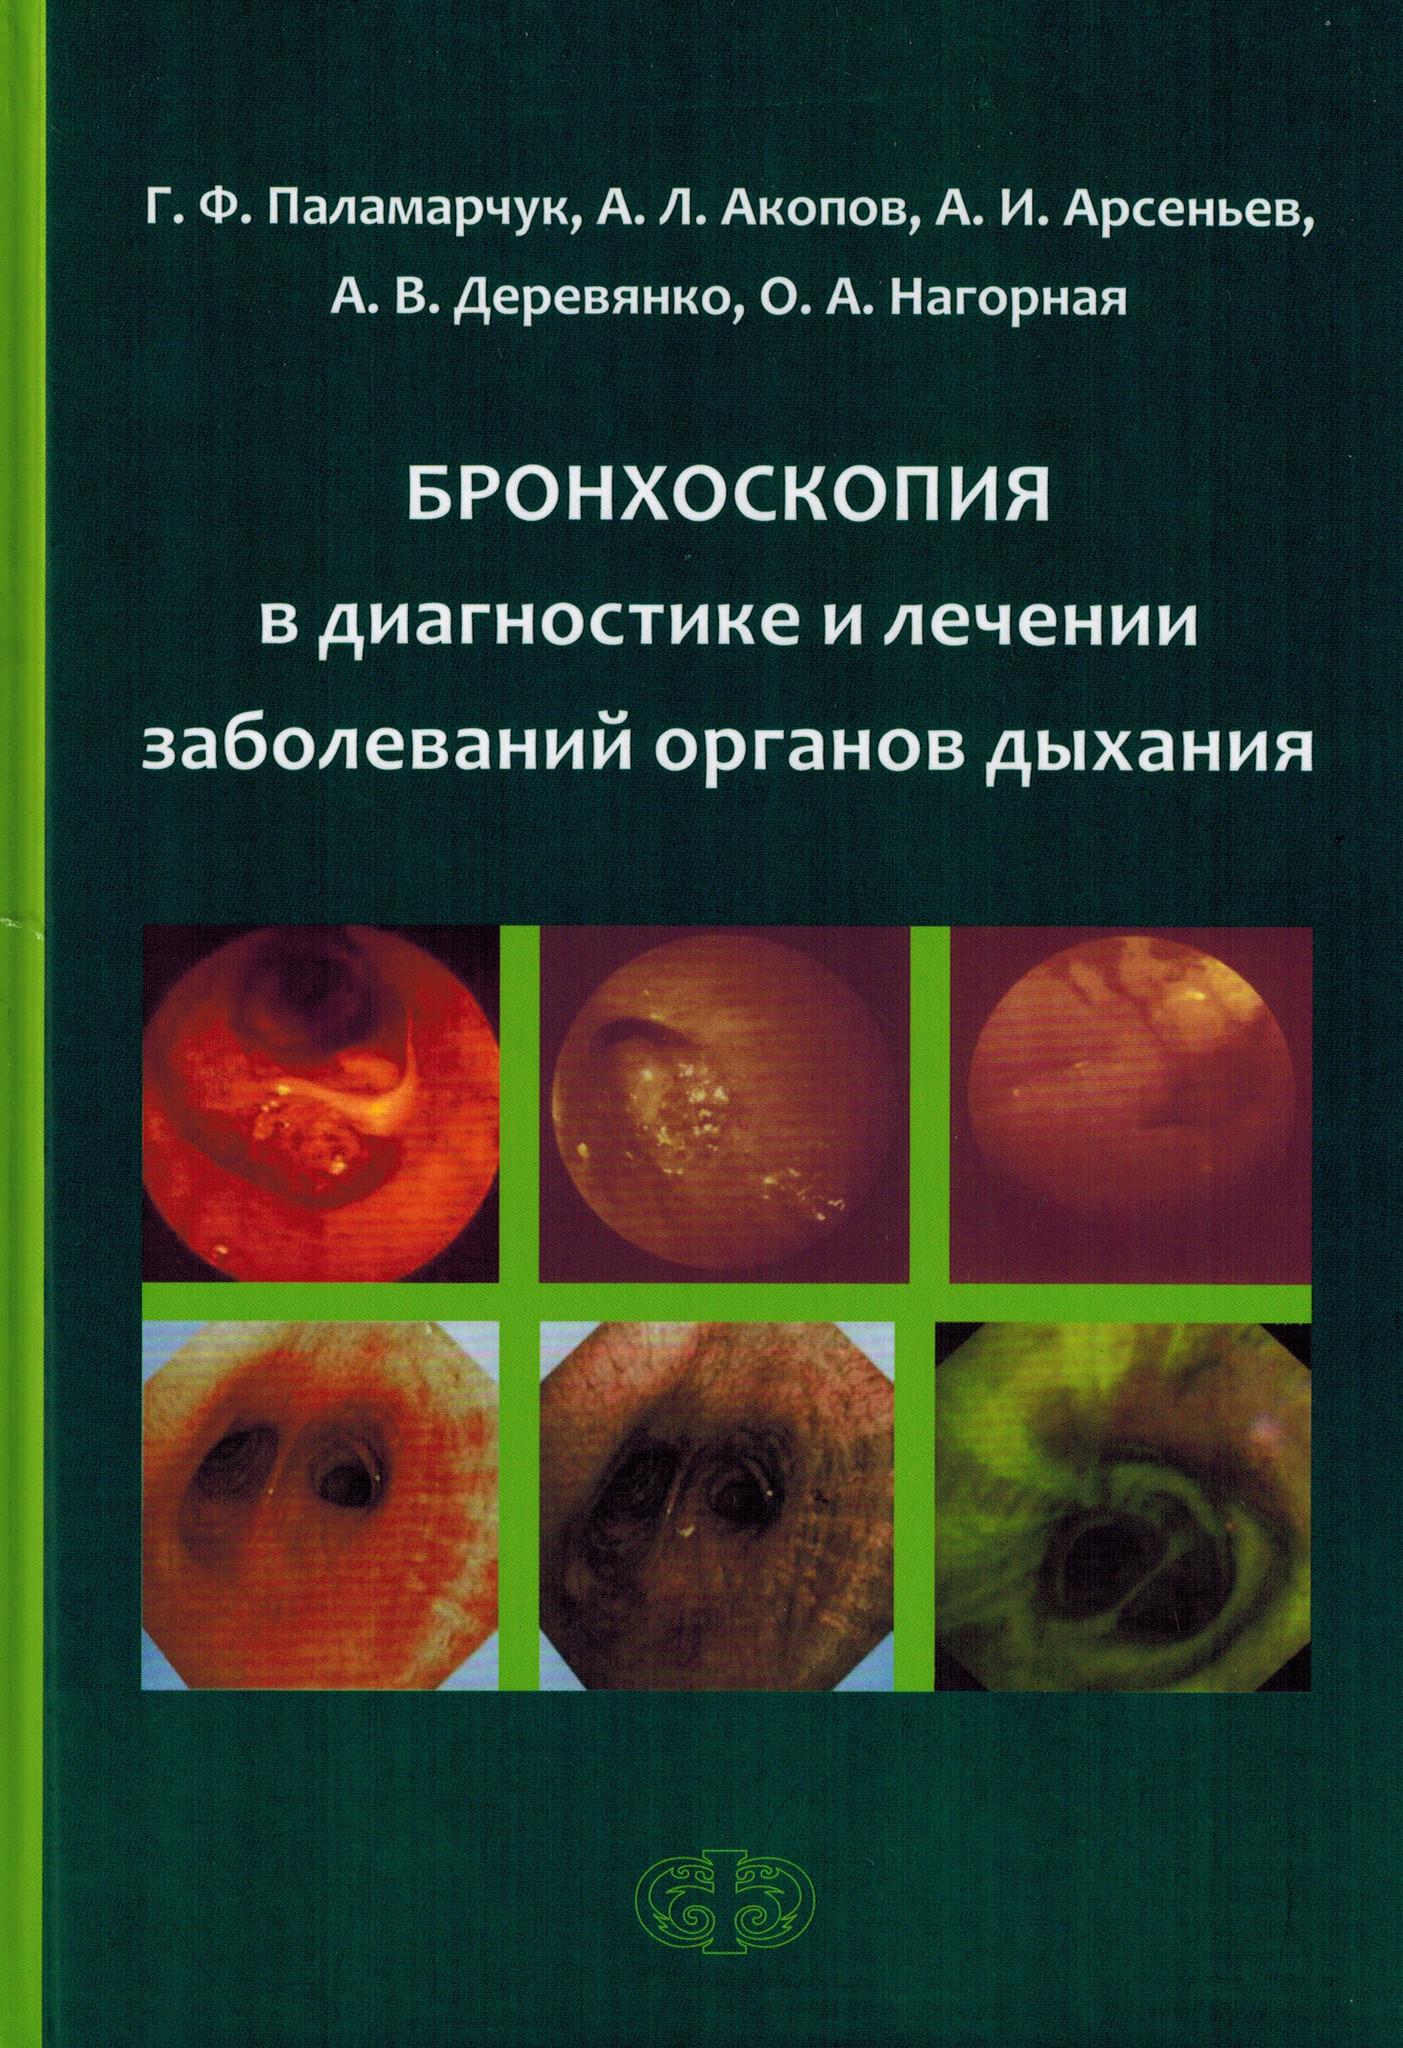 Анестезиология и реанимация Бронхоскопия в диагностике и лечении заболеваний органов дыхания bron1.jpg